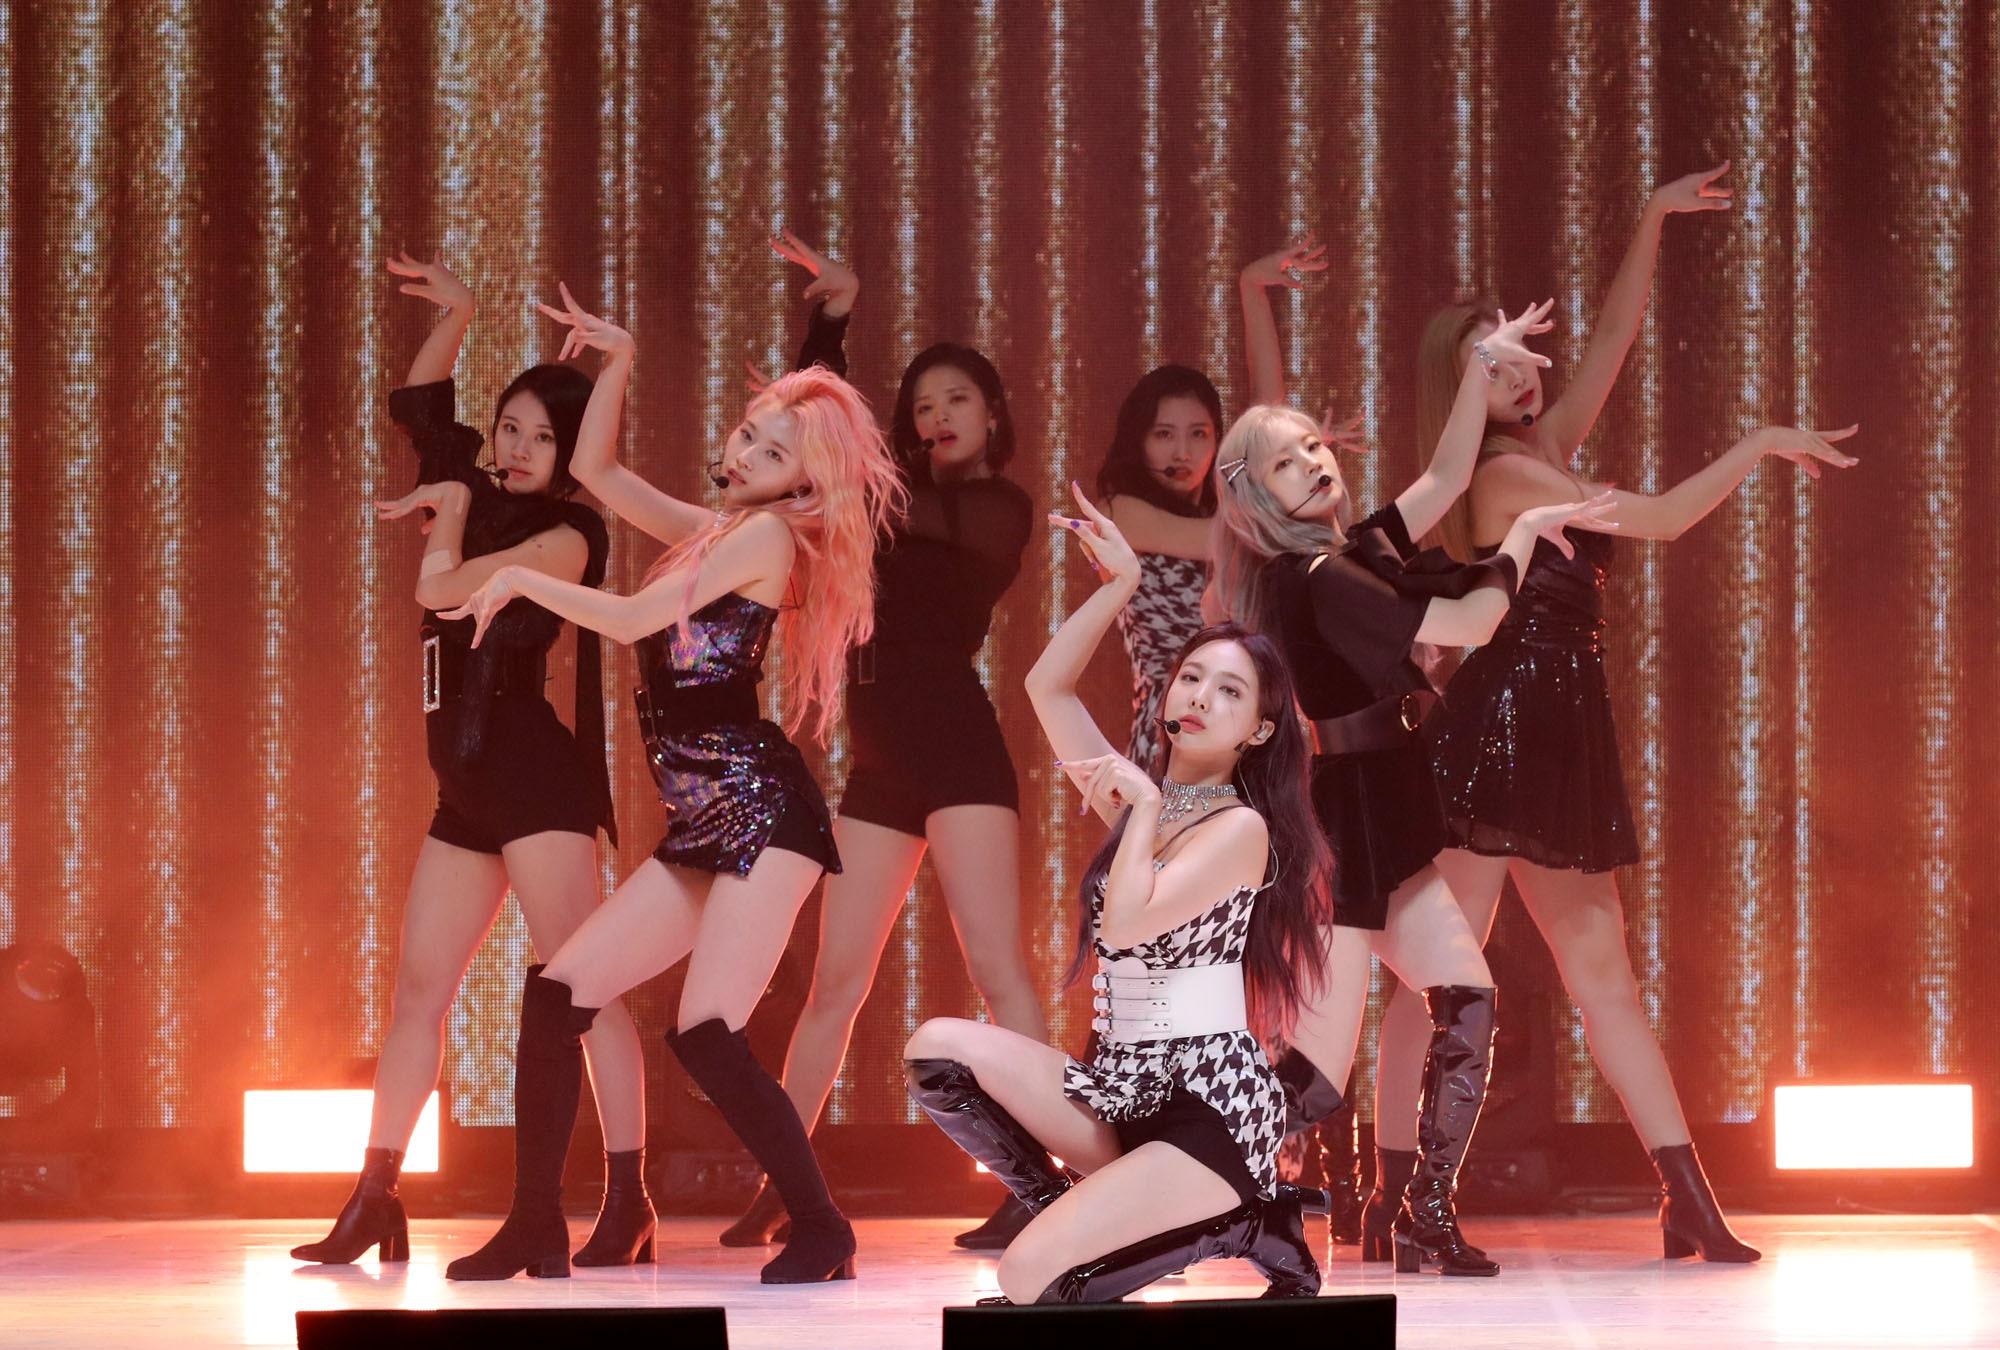 Как K-pop стал настолько популярен не только в музыке, но и в моде